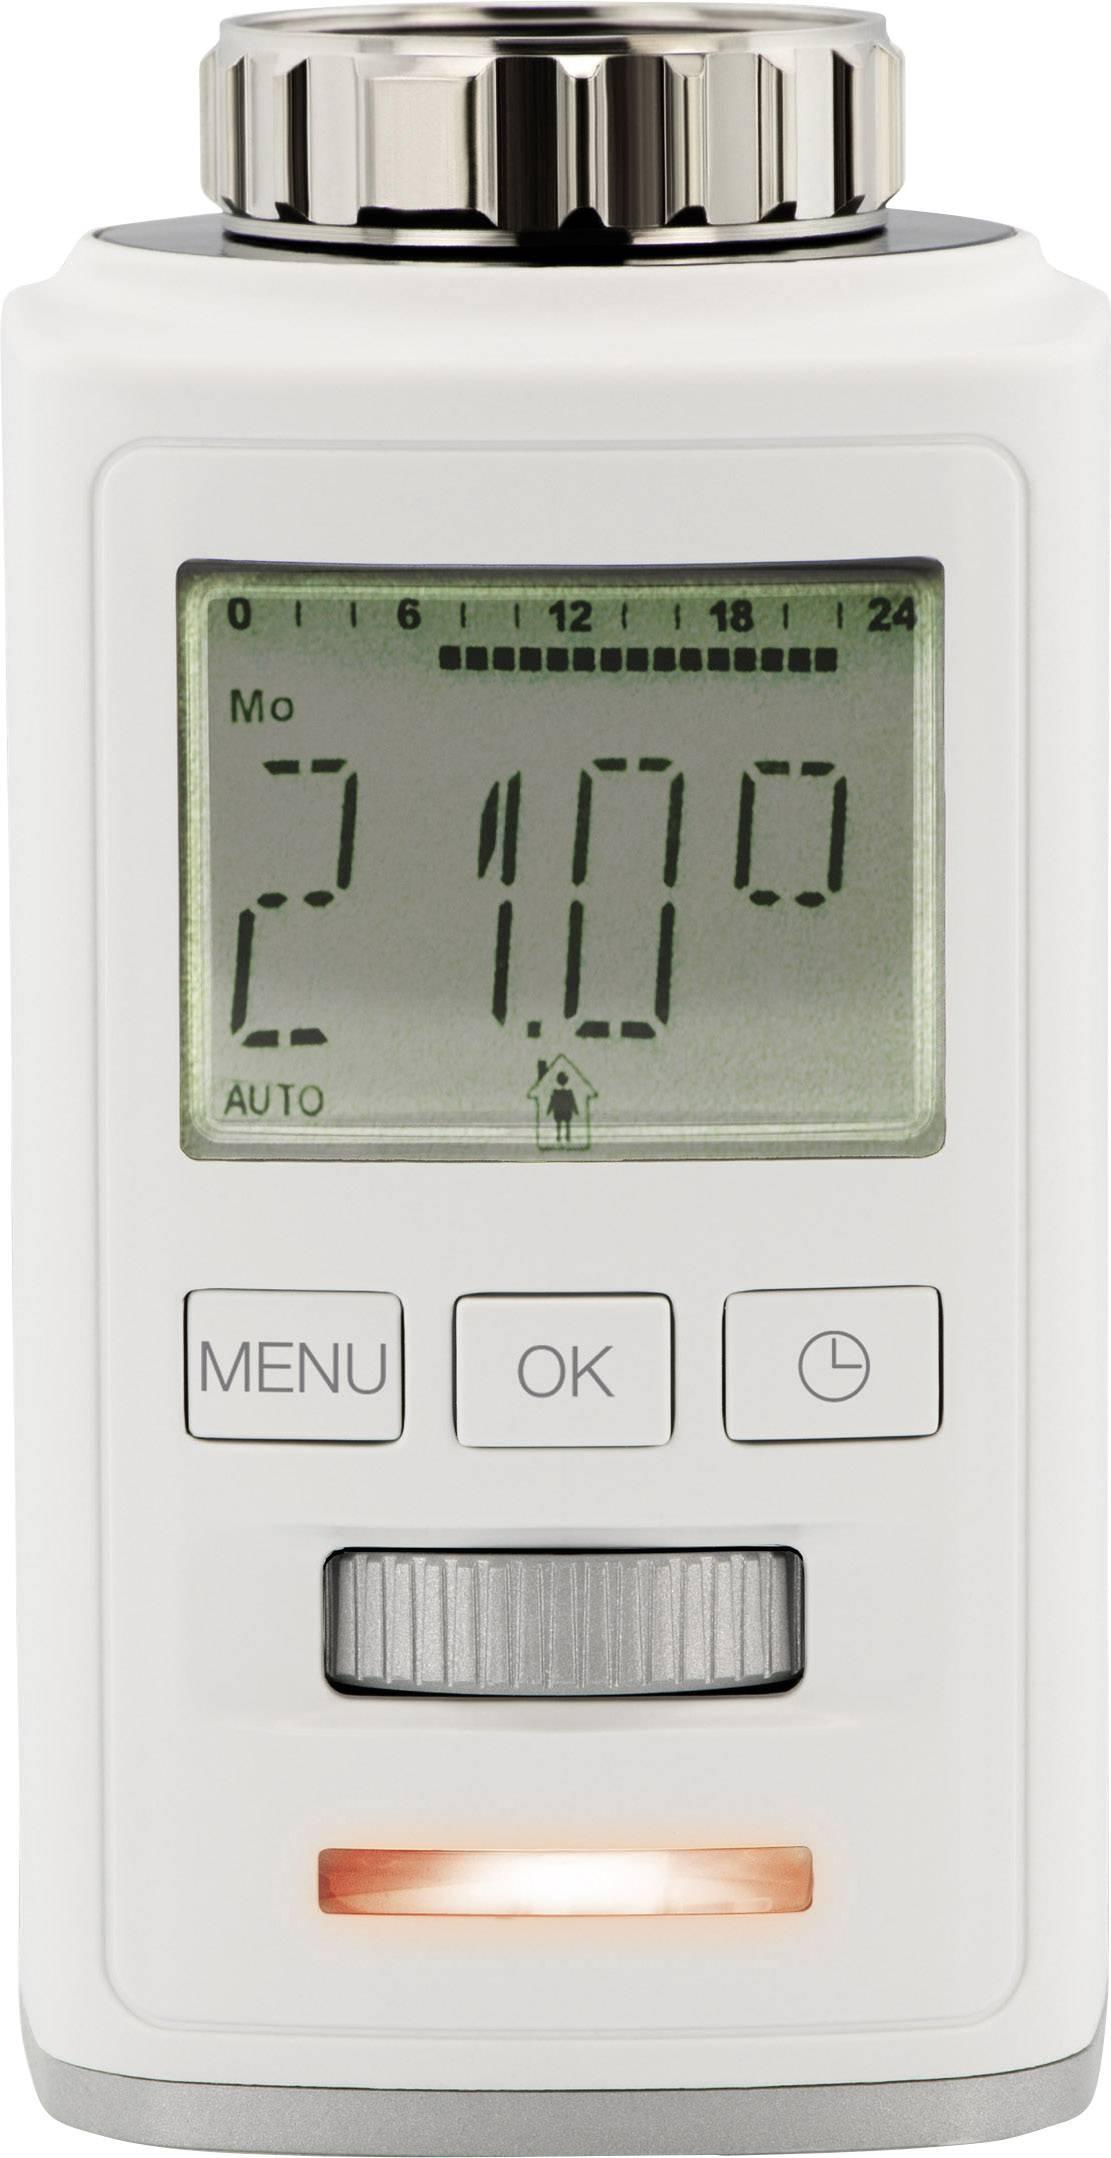 Programovatelná termostatická hlavice Sygonix HT100, 8 až 28 °C